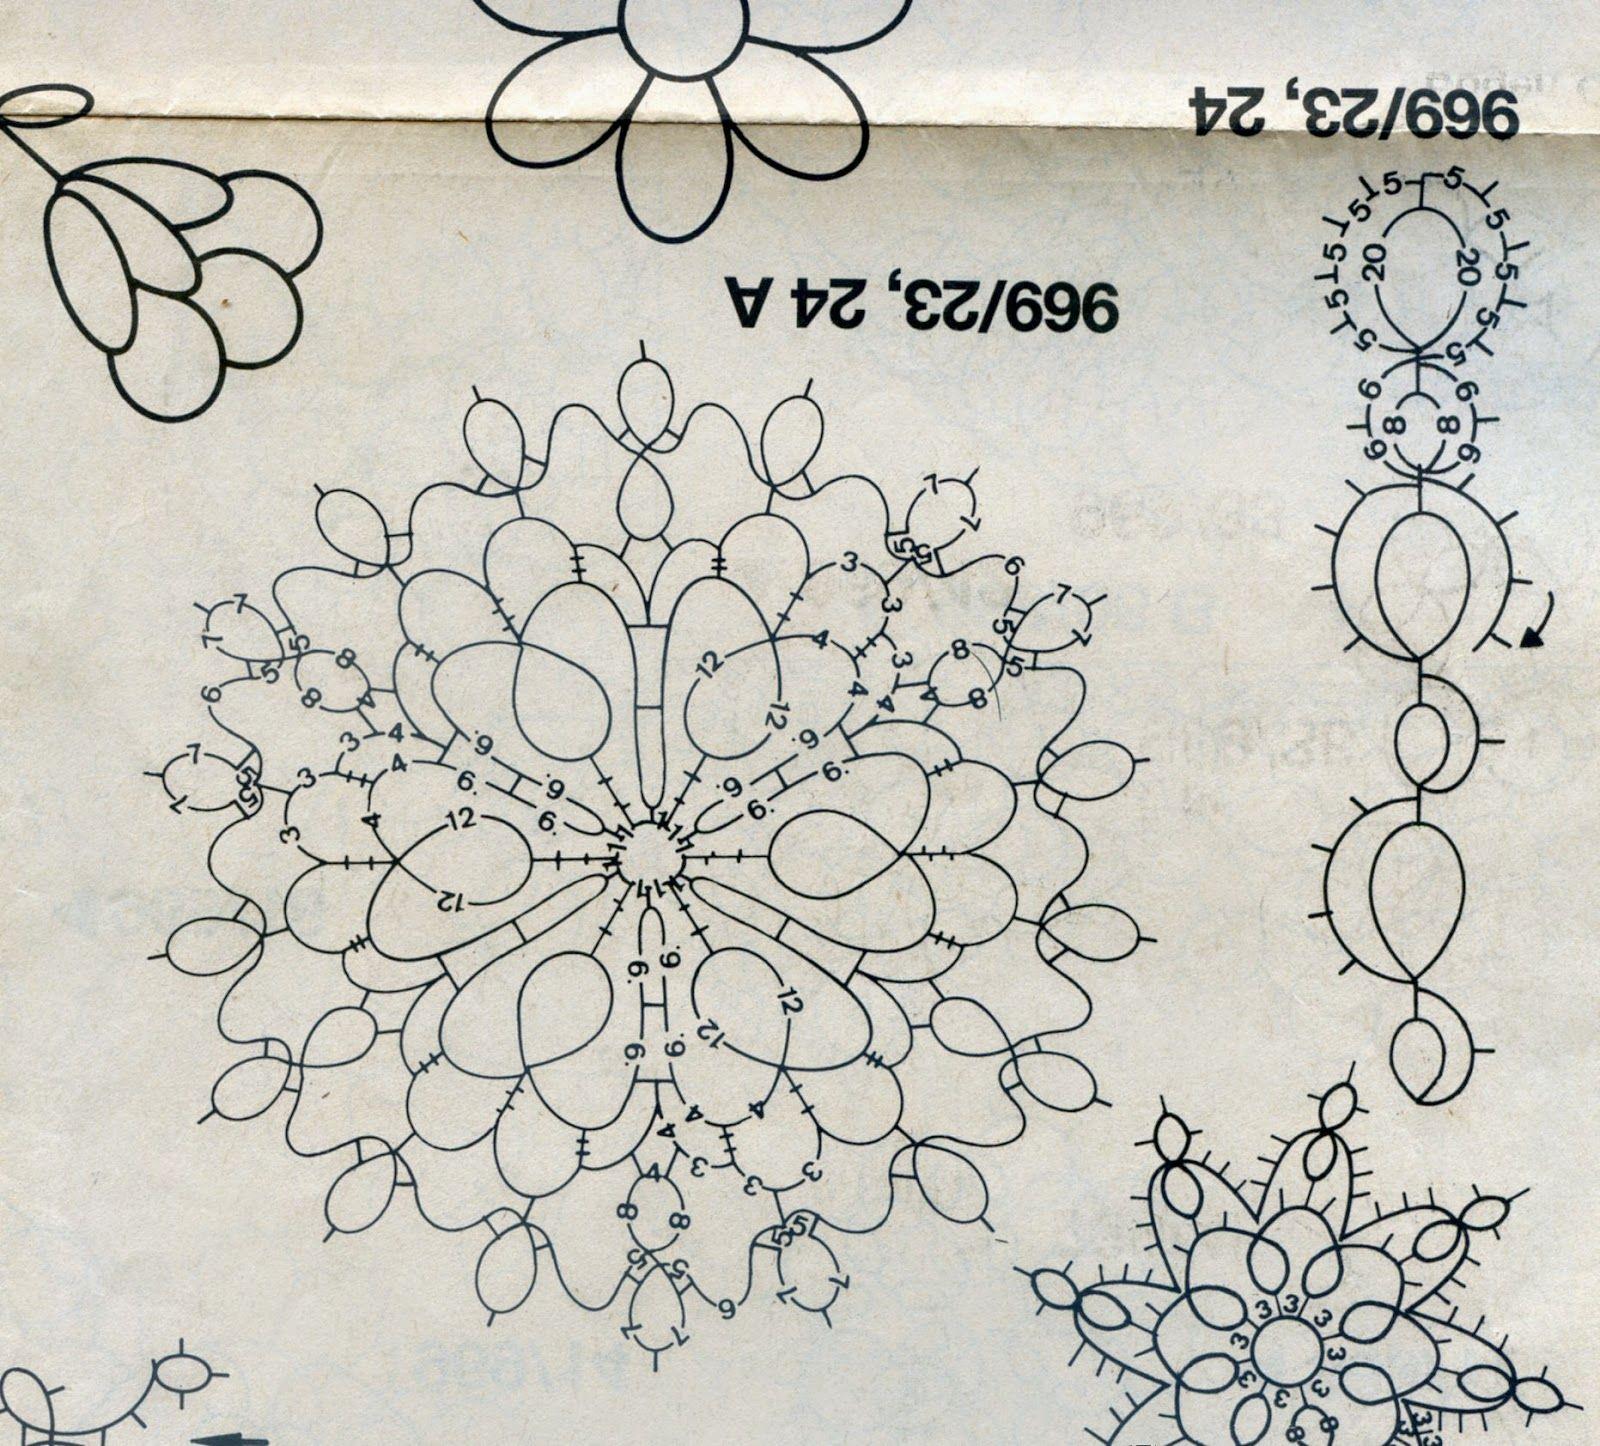 davvero comodo immagini dettagliate vende img050.jpg (1600×1446) | Tutorial merletto, Schema, Chiaccherino a ...